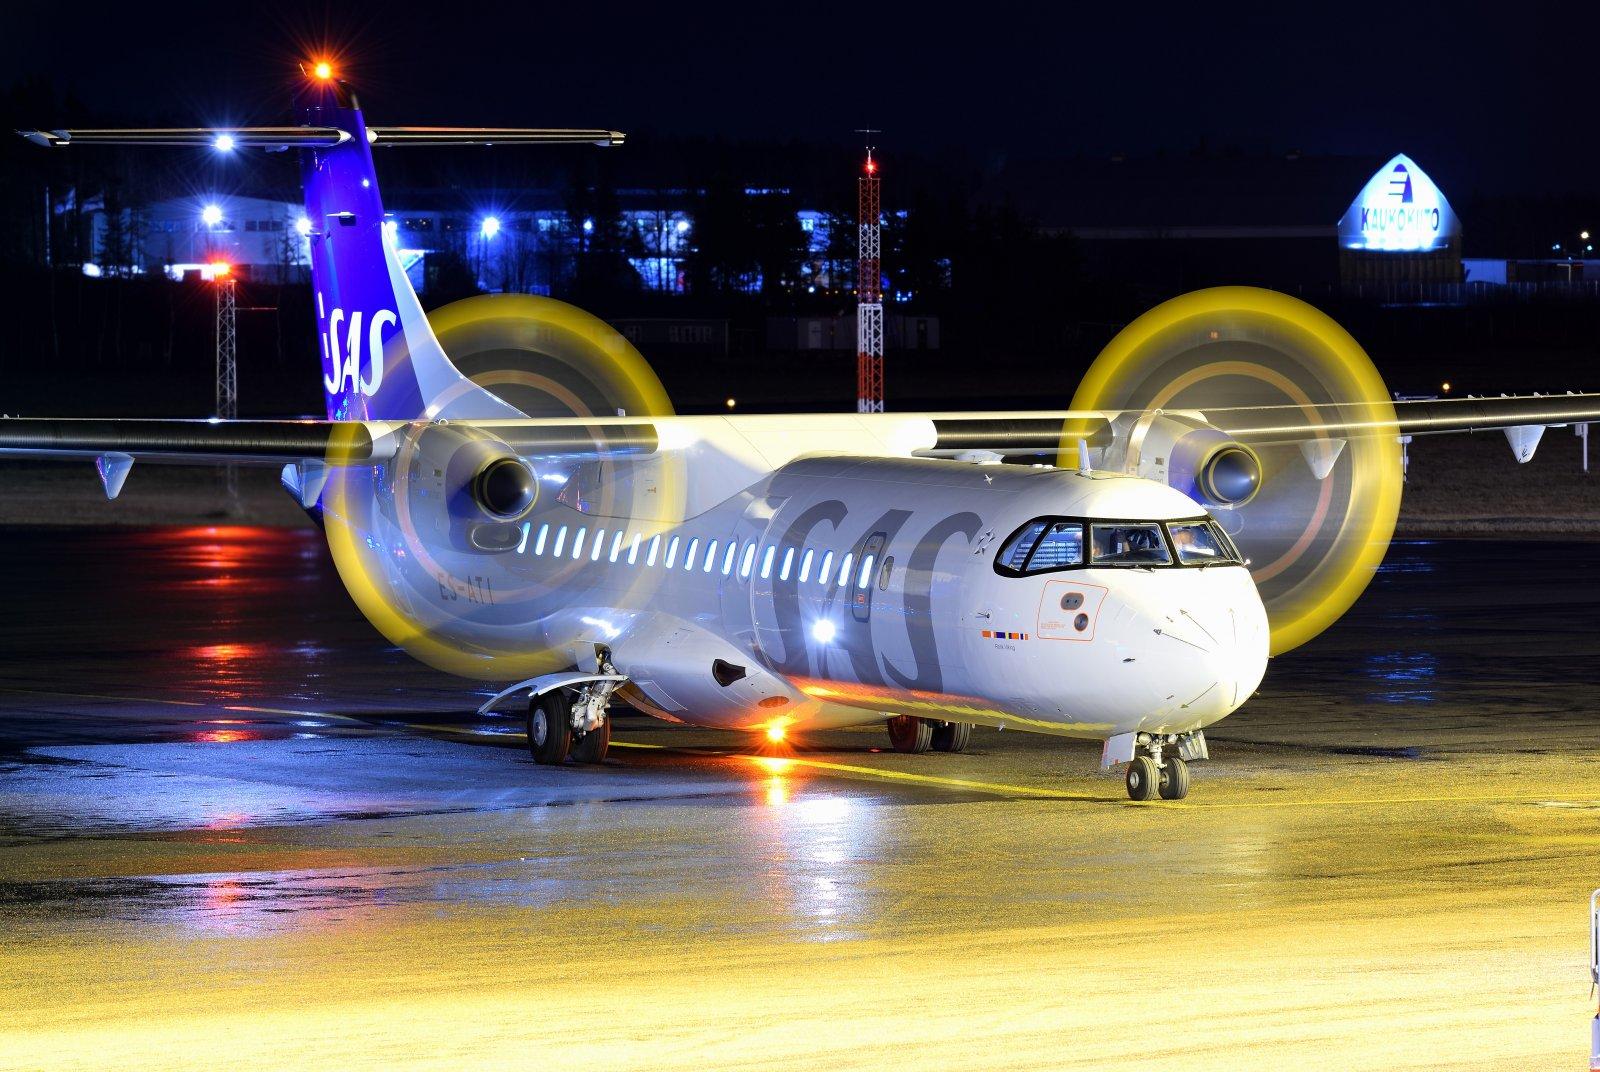 ES-ATI - ATR 72-600 - SAS Scandinavian Airlines (Nordica) - 2.1.2020